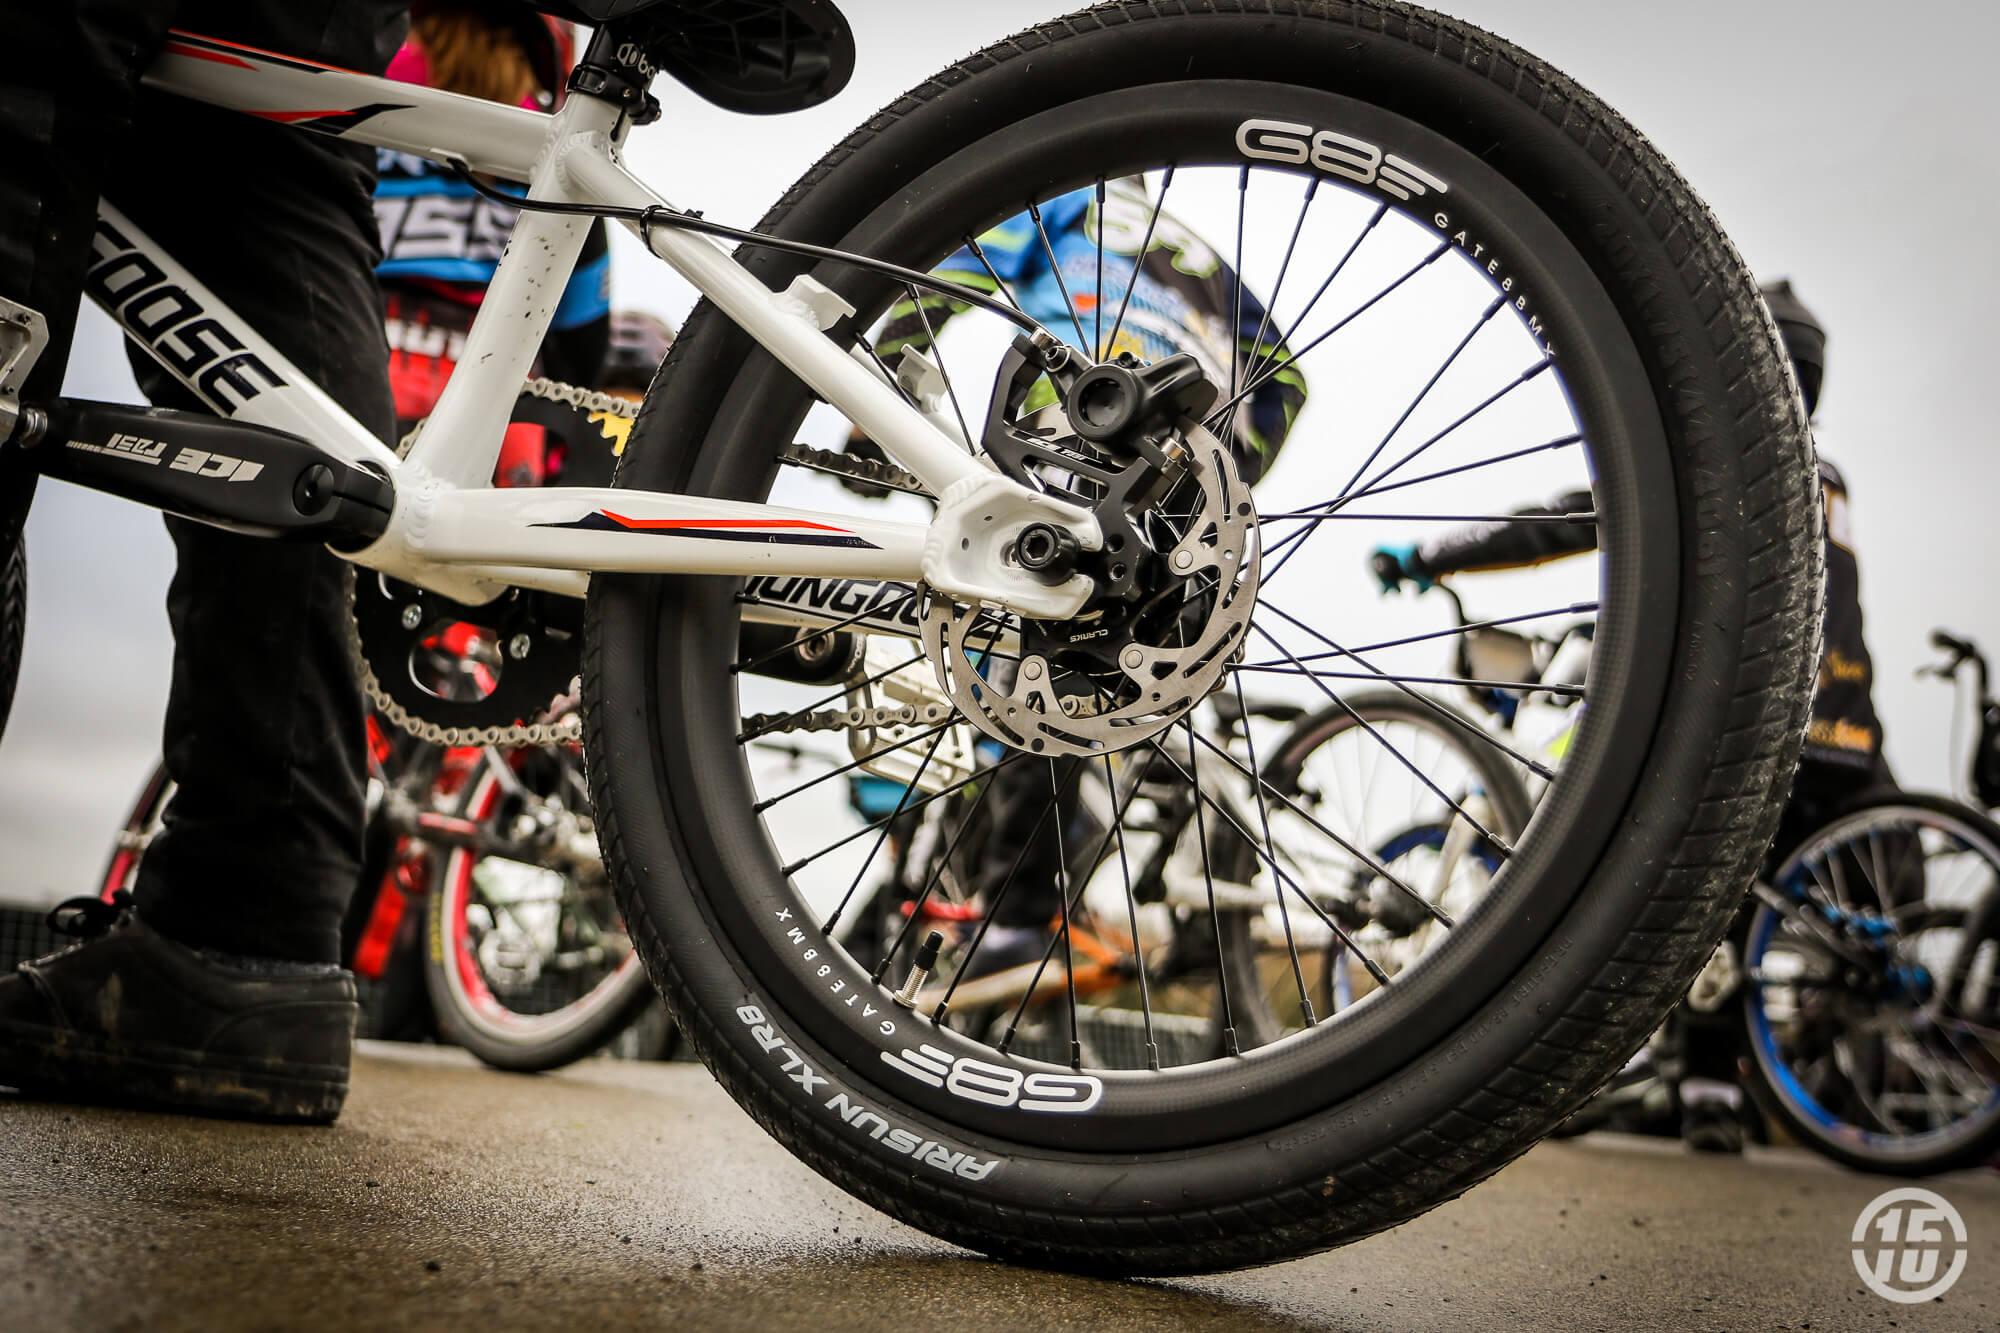 Gate8 BMX 2019 Mongoose Team Bike - Fifteen BMX